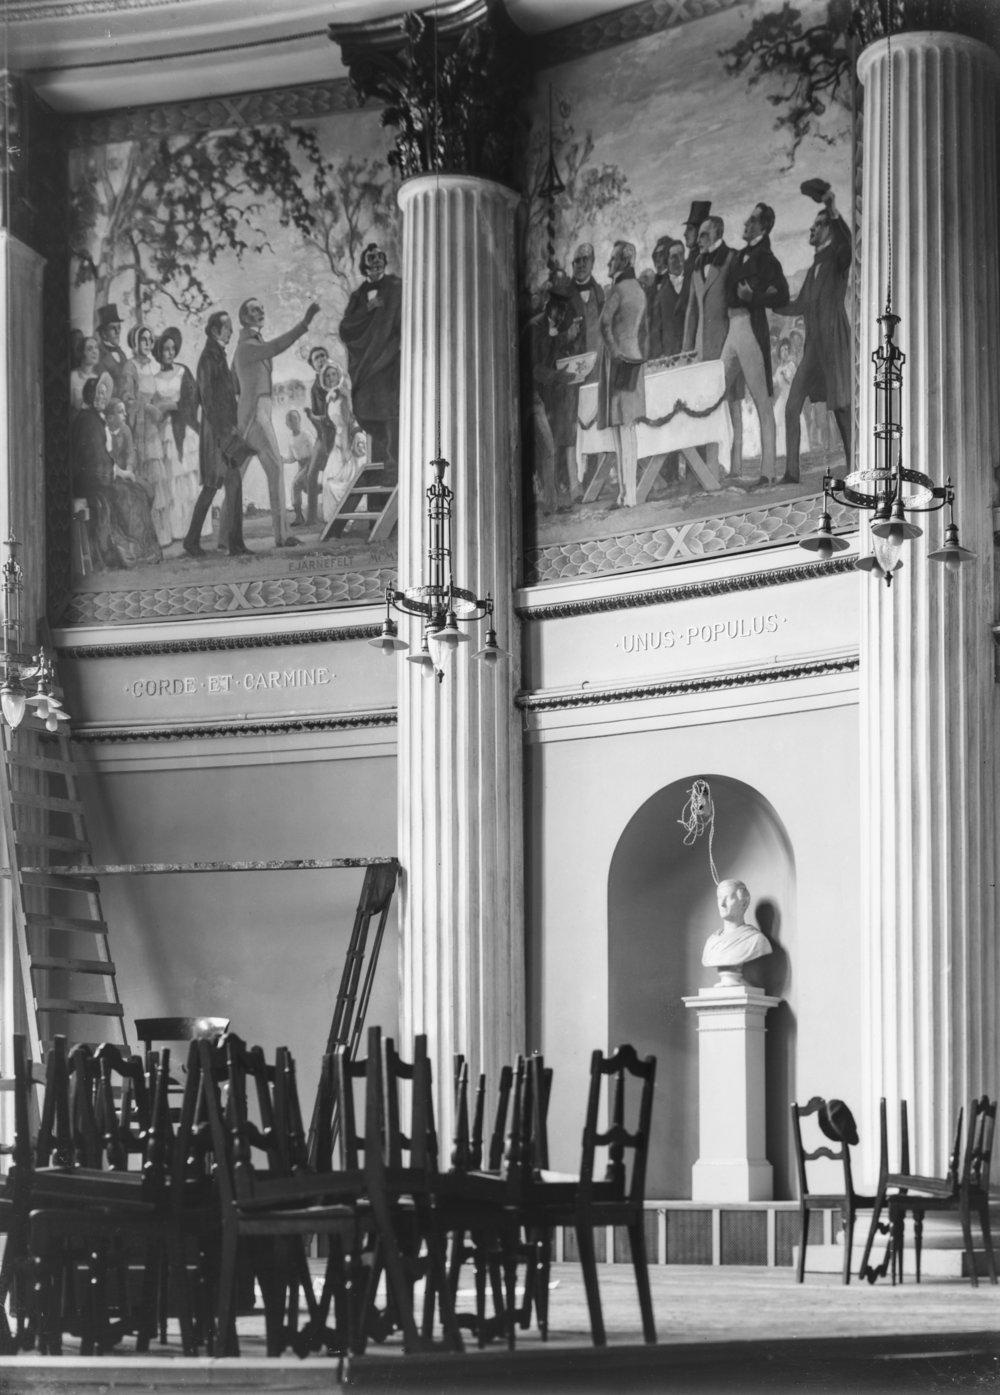 Eero Järnefeltin vuoden 1848 Floran päivän juhlaa kuvaava maalaus valmistui yliopiston juhlasaliin vuonna 1920. Kuvassa Fredrik Cygnaeus pitää kuuluisaa puhettaan ylioppilaille. Maalaus tuhoutui vuoden 1944 pommituksissa.   Kuva: Harald Rosenberg 1920 / Helsingin kaupunginmuseo